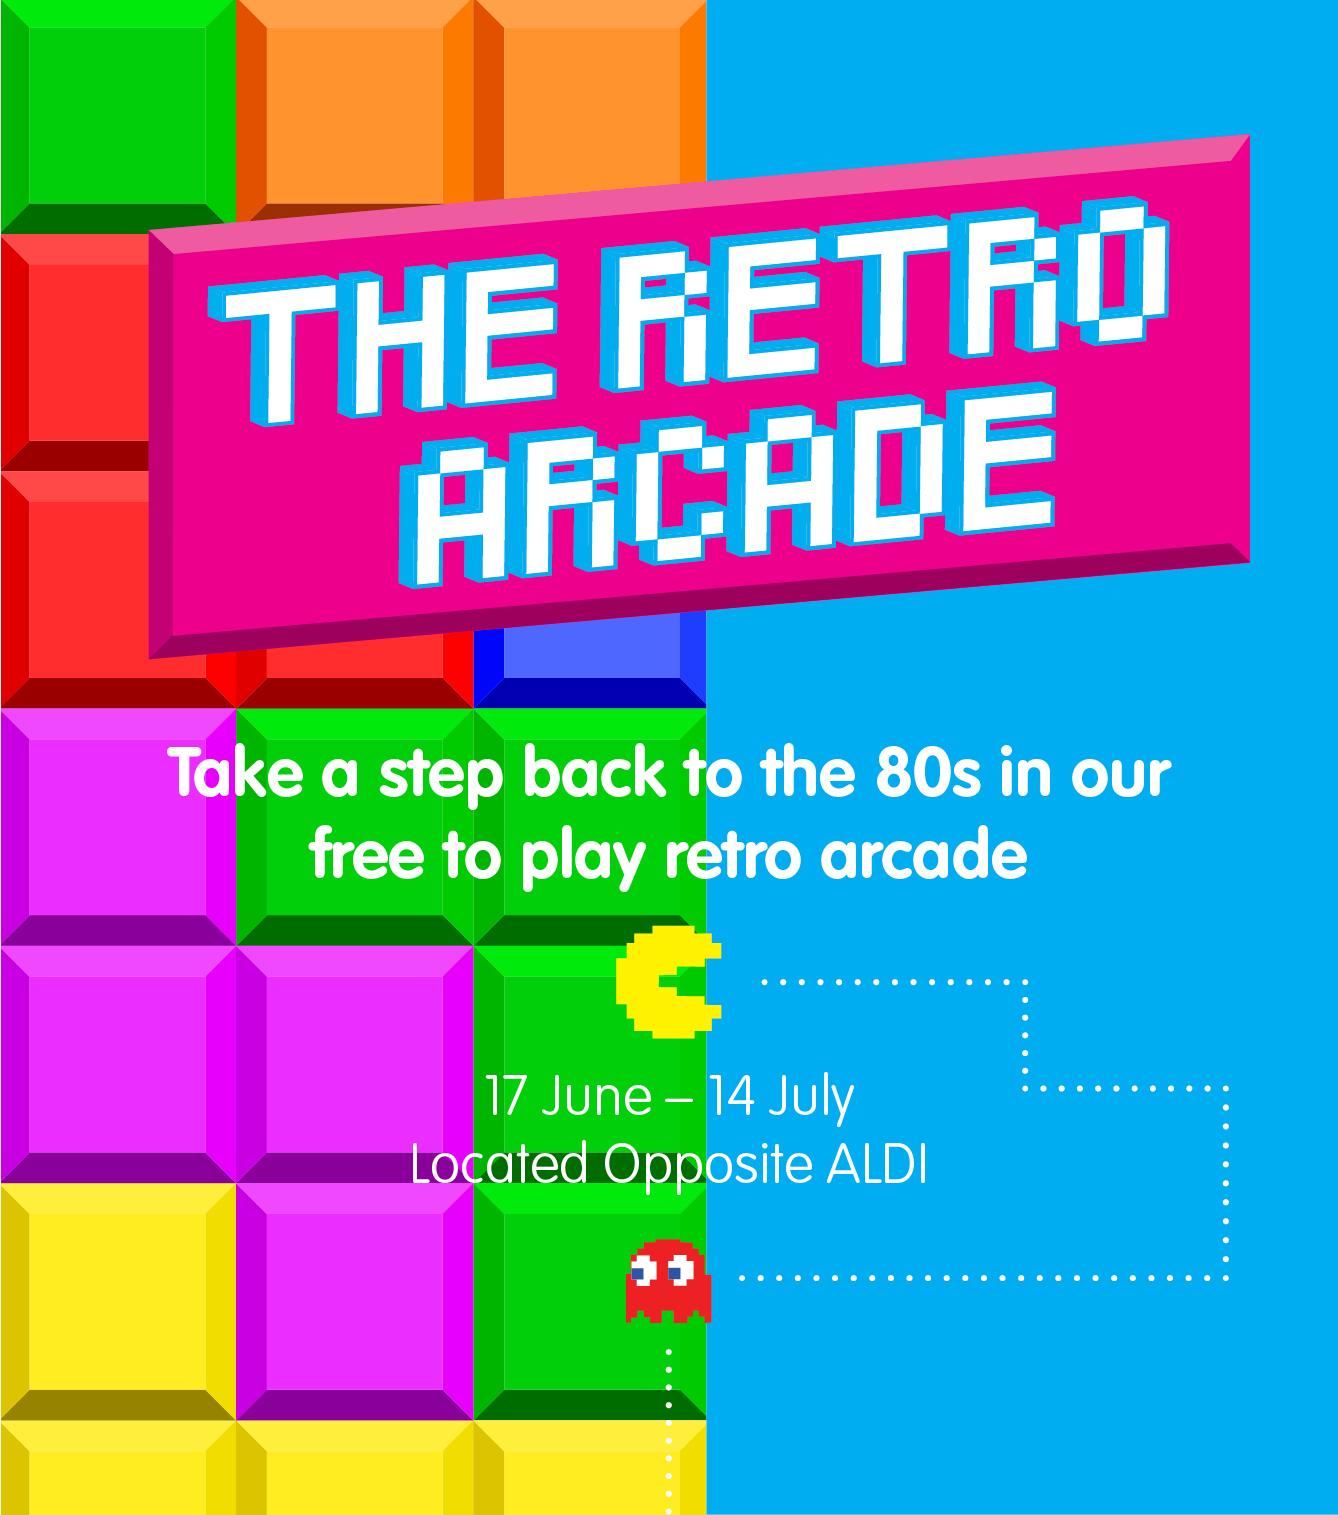 31633 CH BASHIL Retro arcade -Web 642x727px